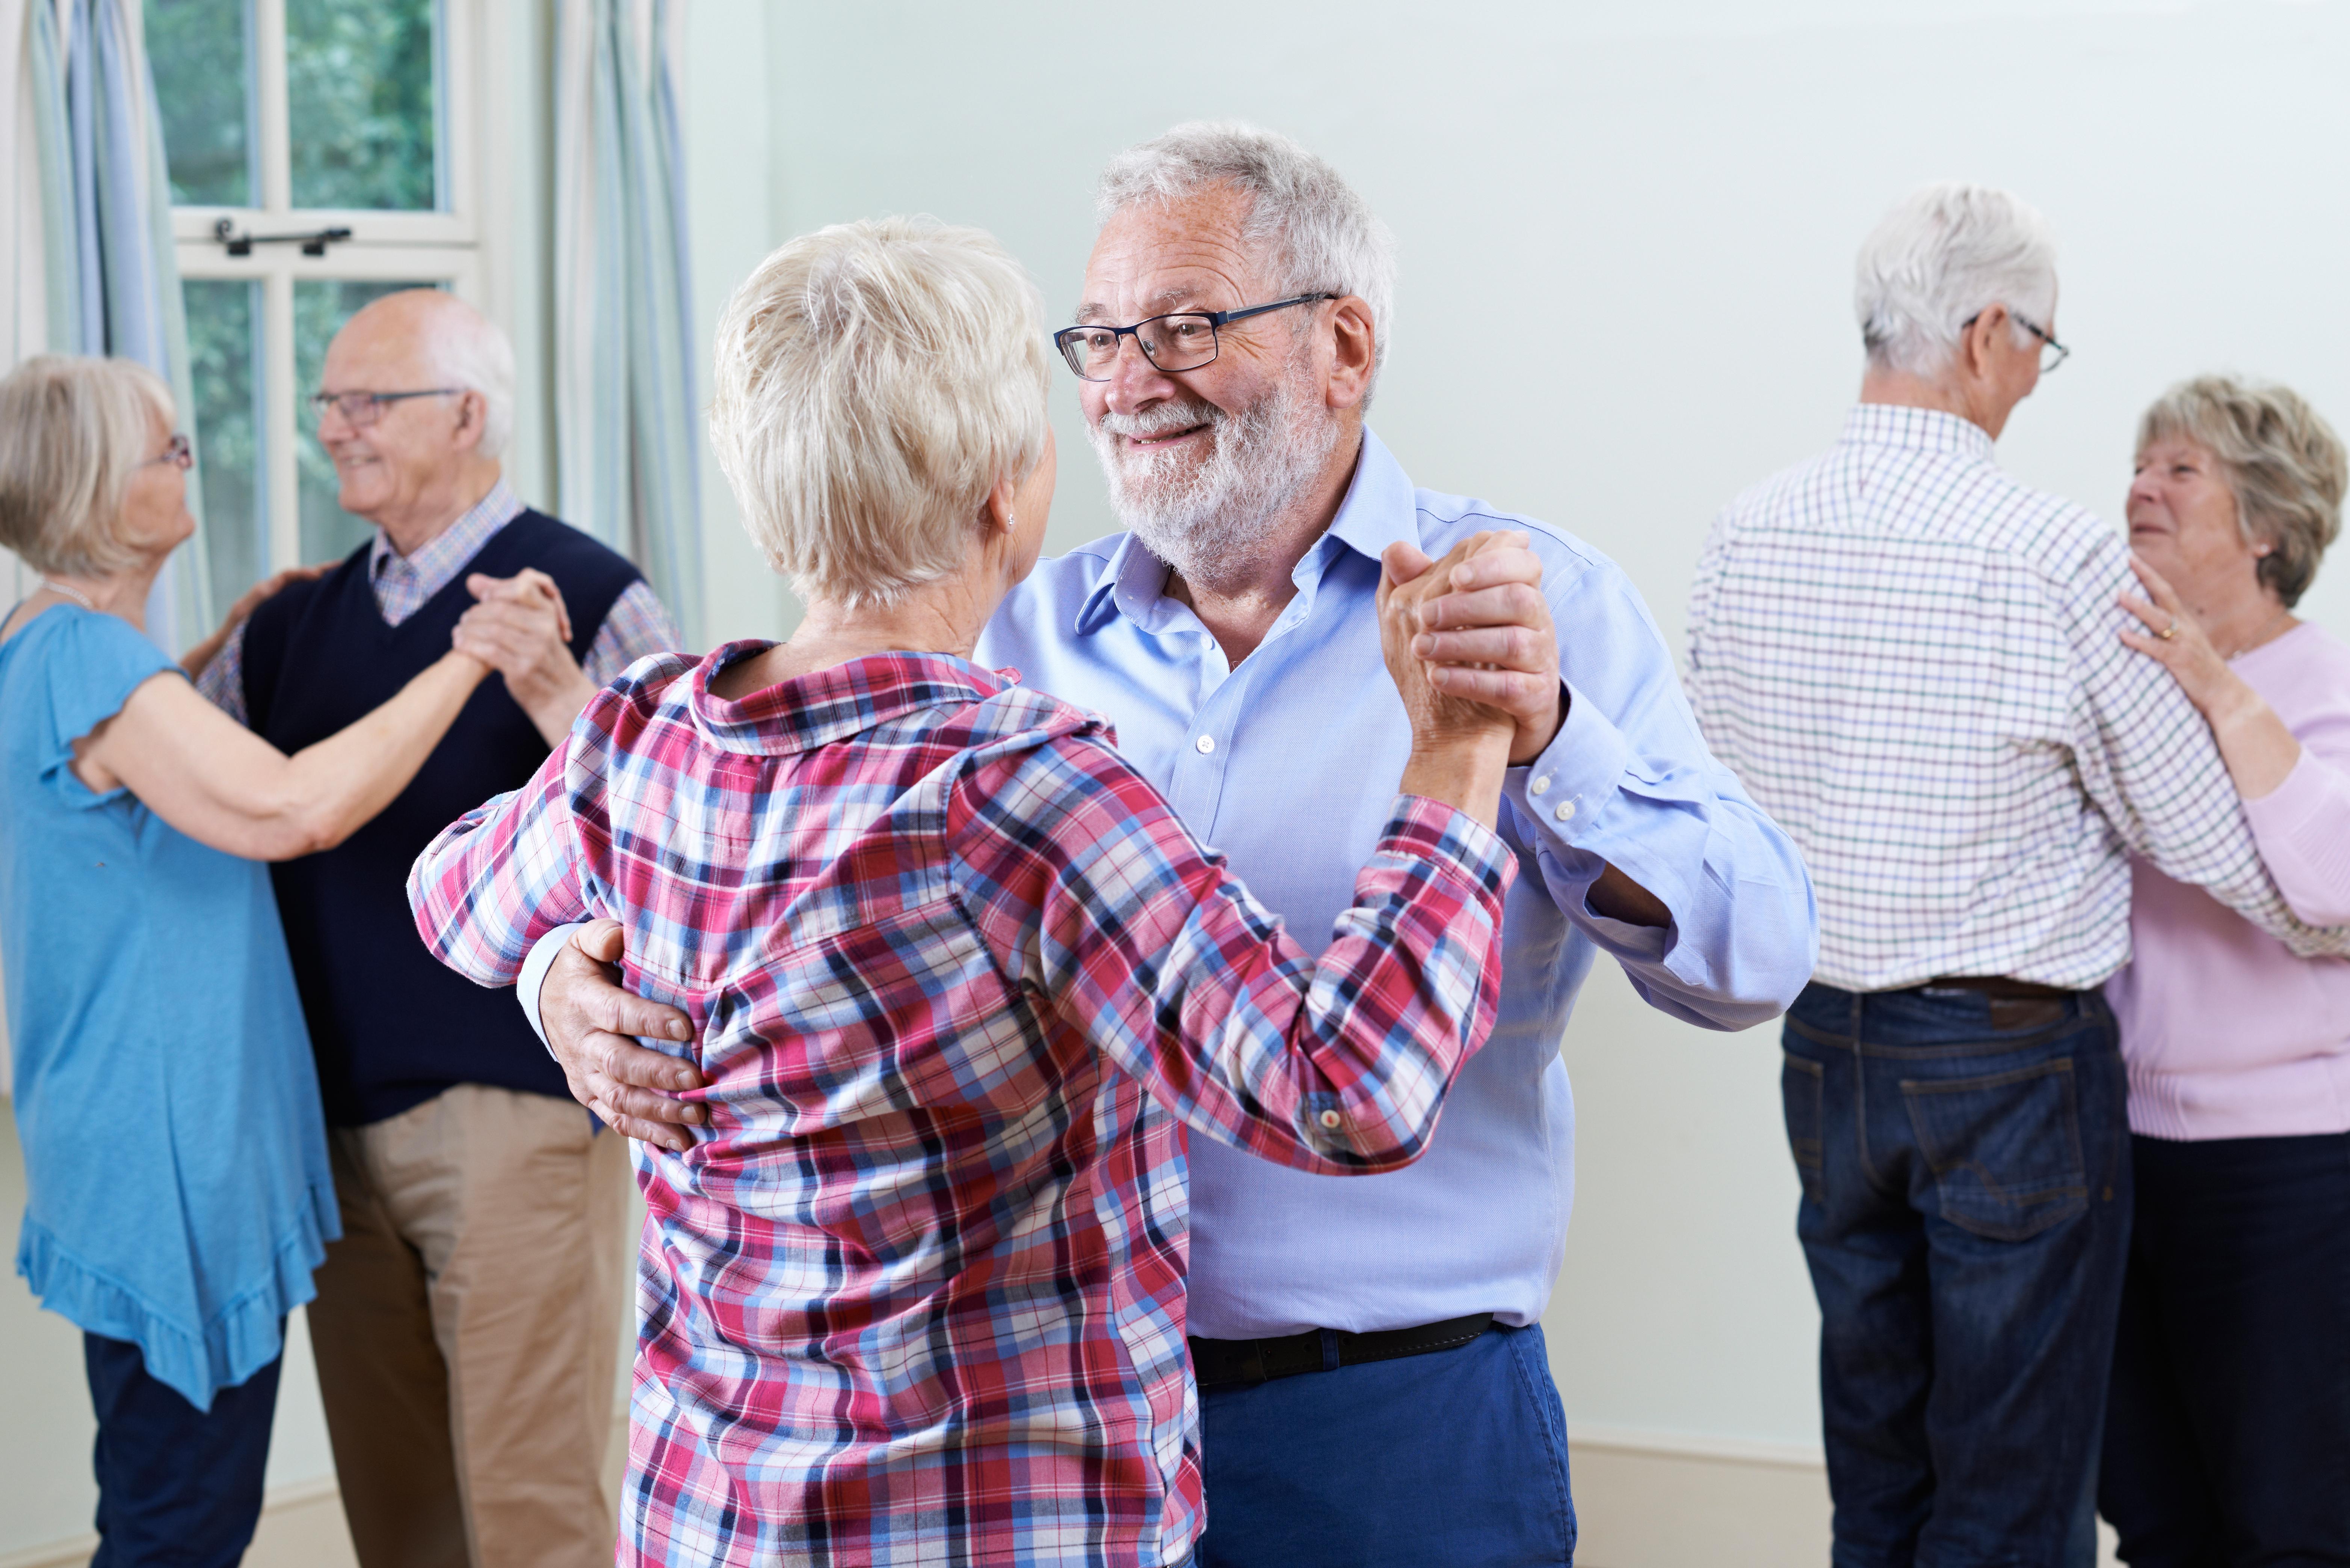 Dans är en utmärkt träningsform för att stärka kroppens muskulatur.